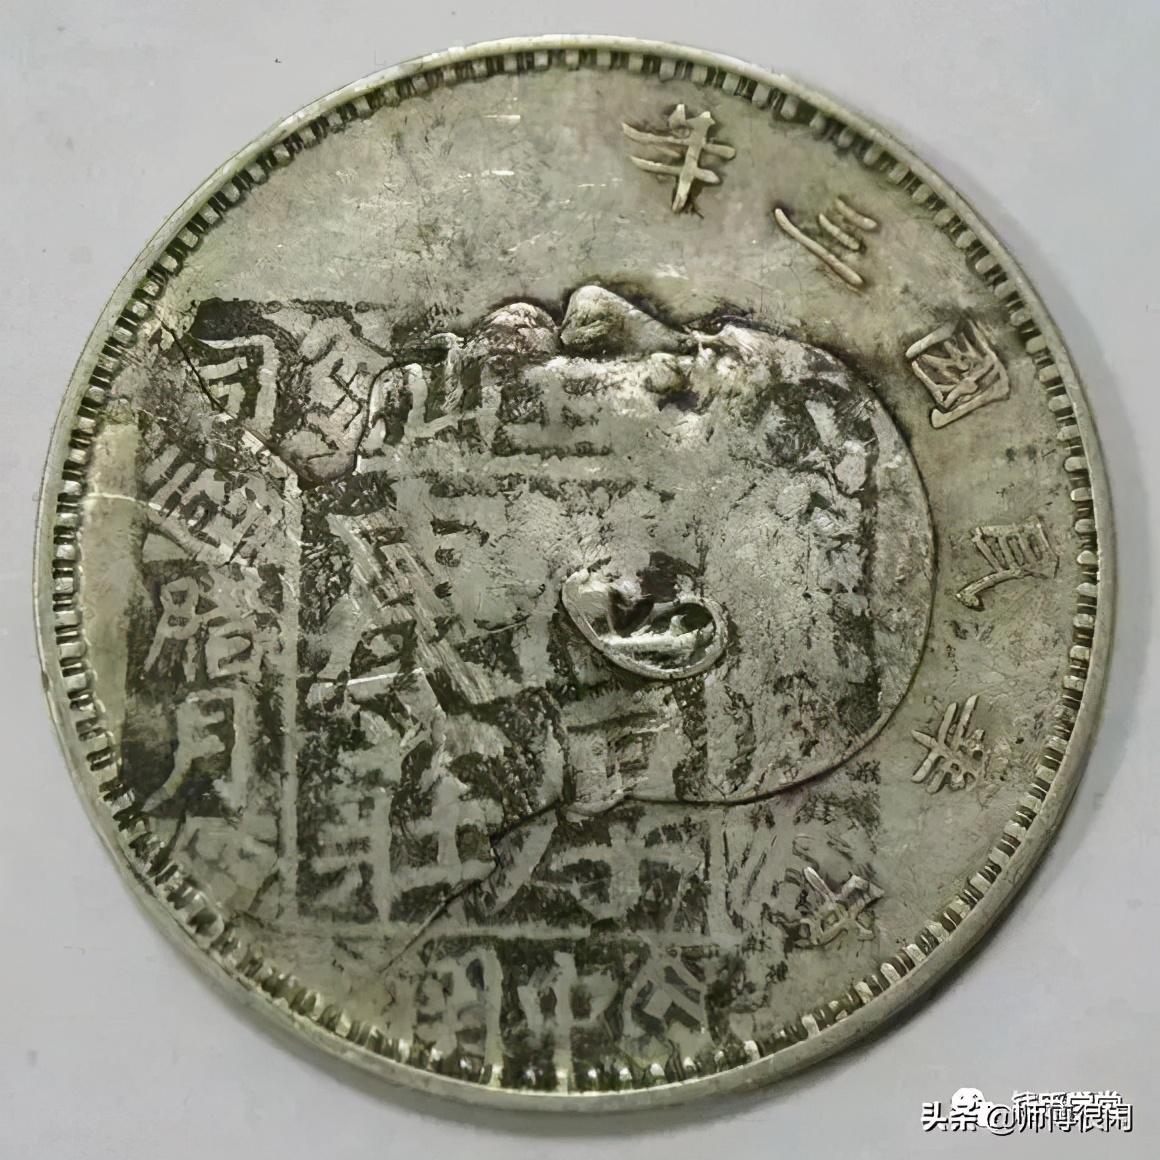 这些银元看起来脏脏的,需要清理吗?很有讲究